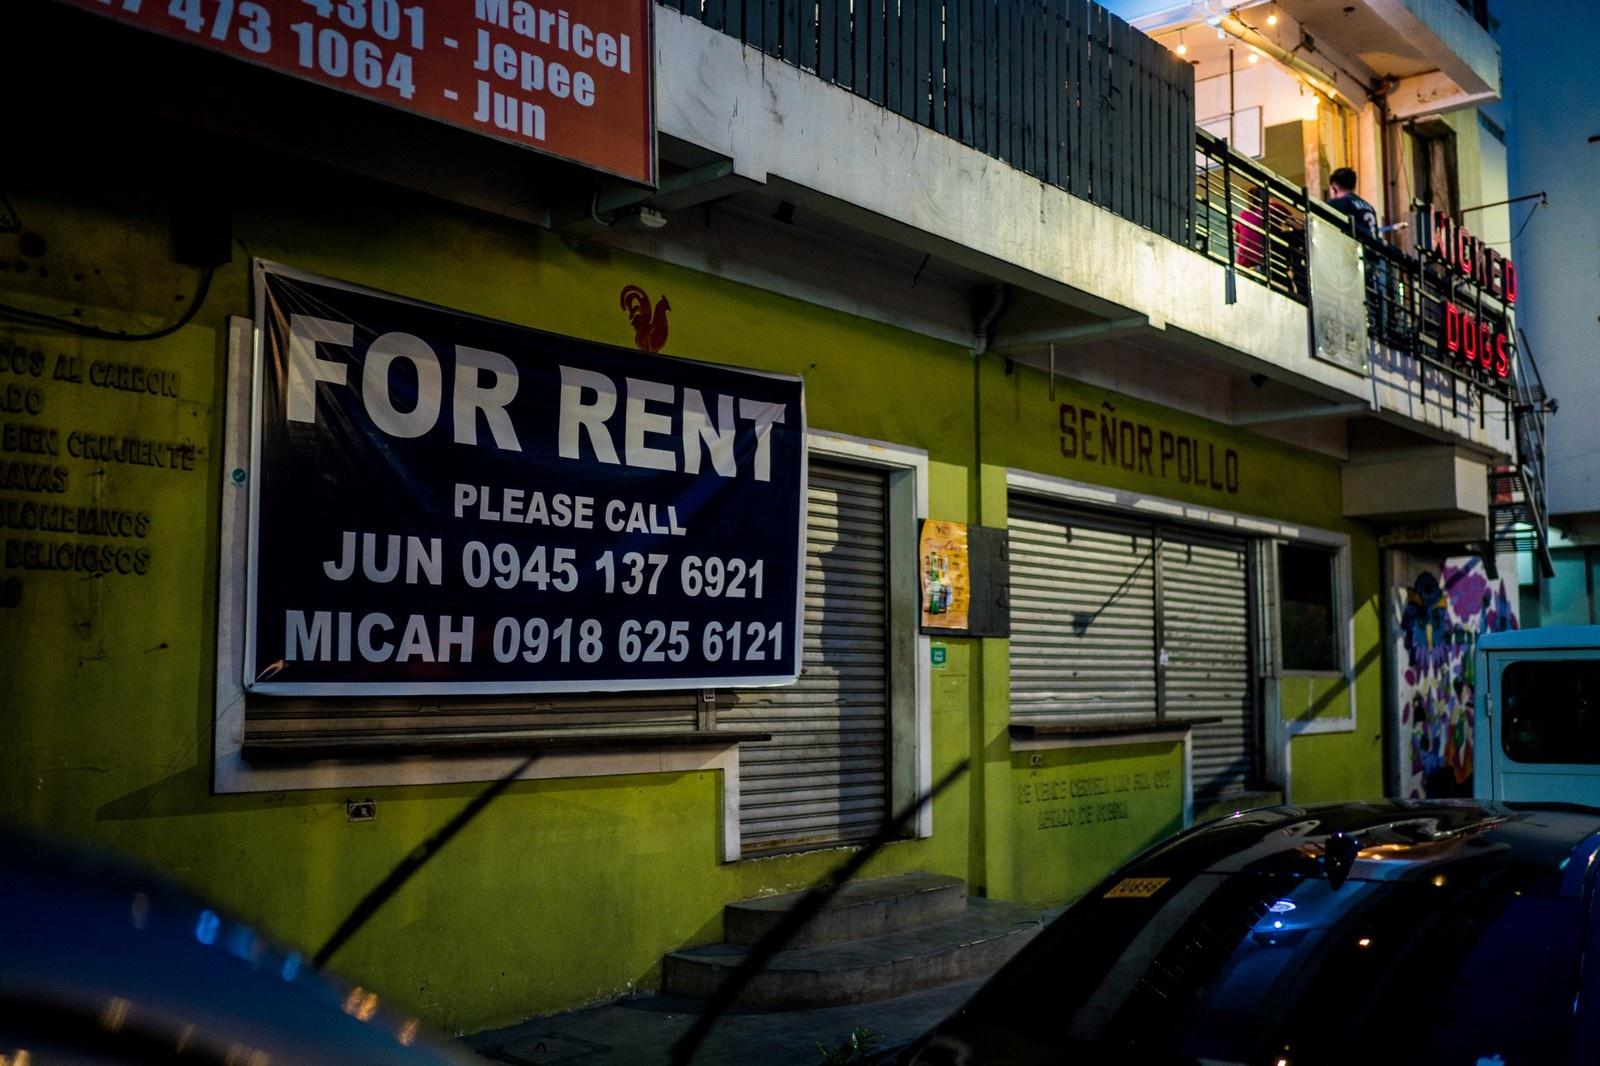 Manila chat vat hoi sinh cuoc song ve dem anh 4